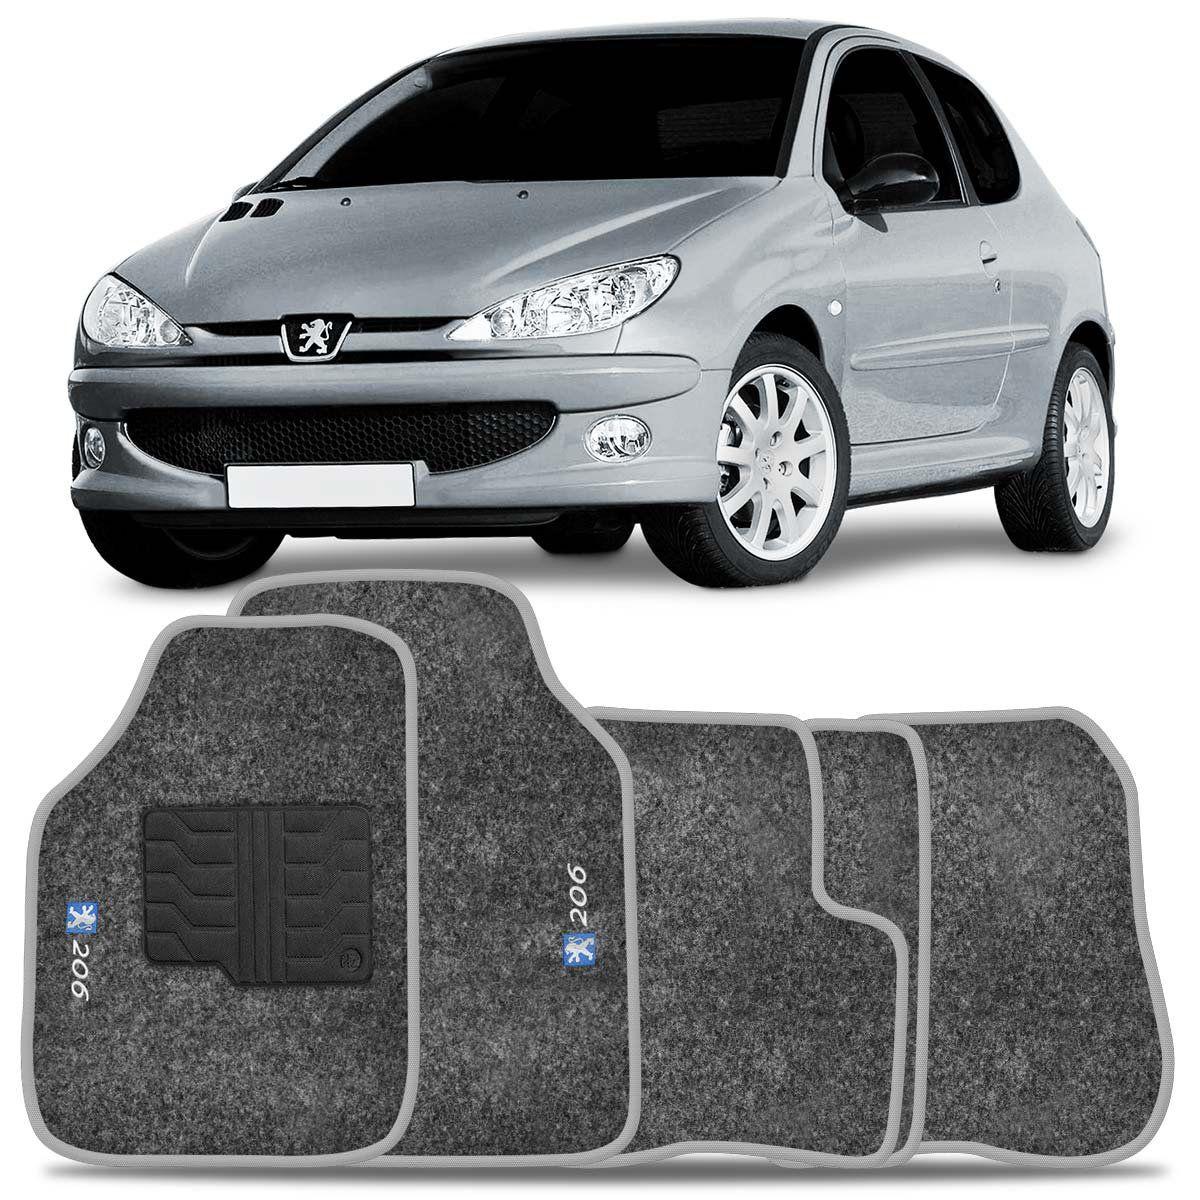 Tapete Carpete Peugeot 206 99 2000 2001 2002 2003 2004 2005 2006 2007 2008 2009 Grafite